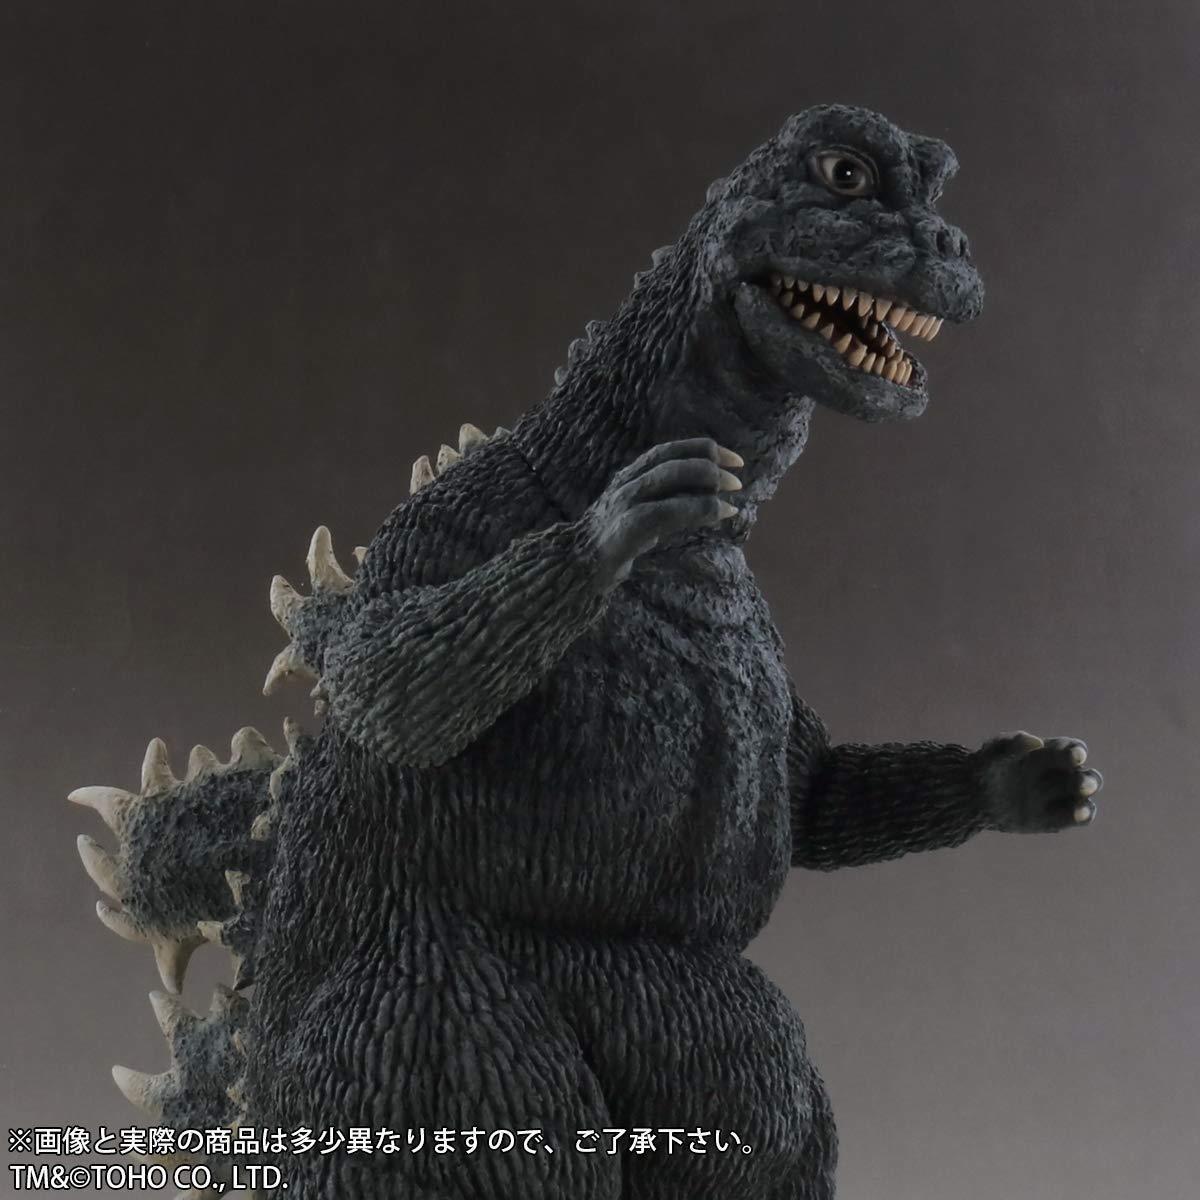 Nuovo X-Plus Toho 30cm Serie Godzilla 1967 330mm Statuetta Statuetta Statuetta da Giappone F S ceee22